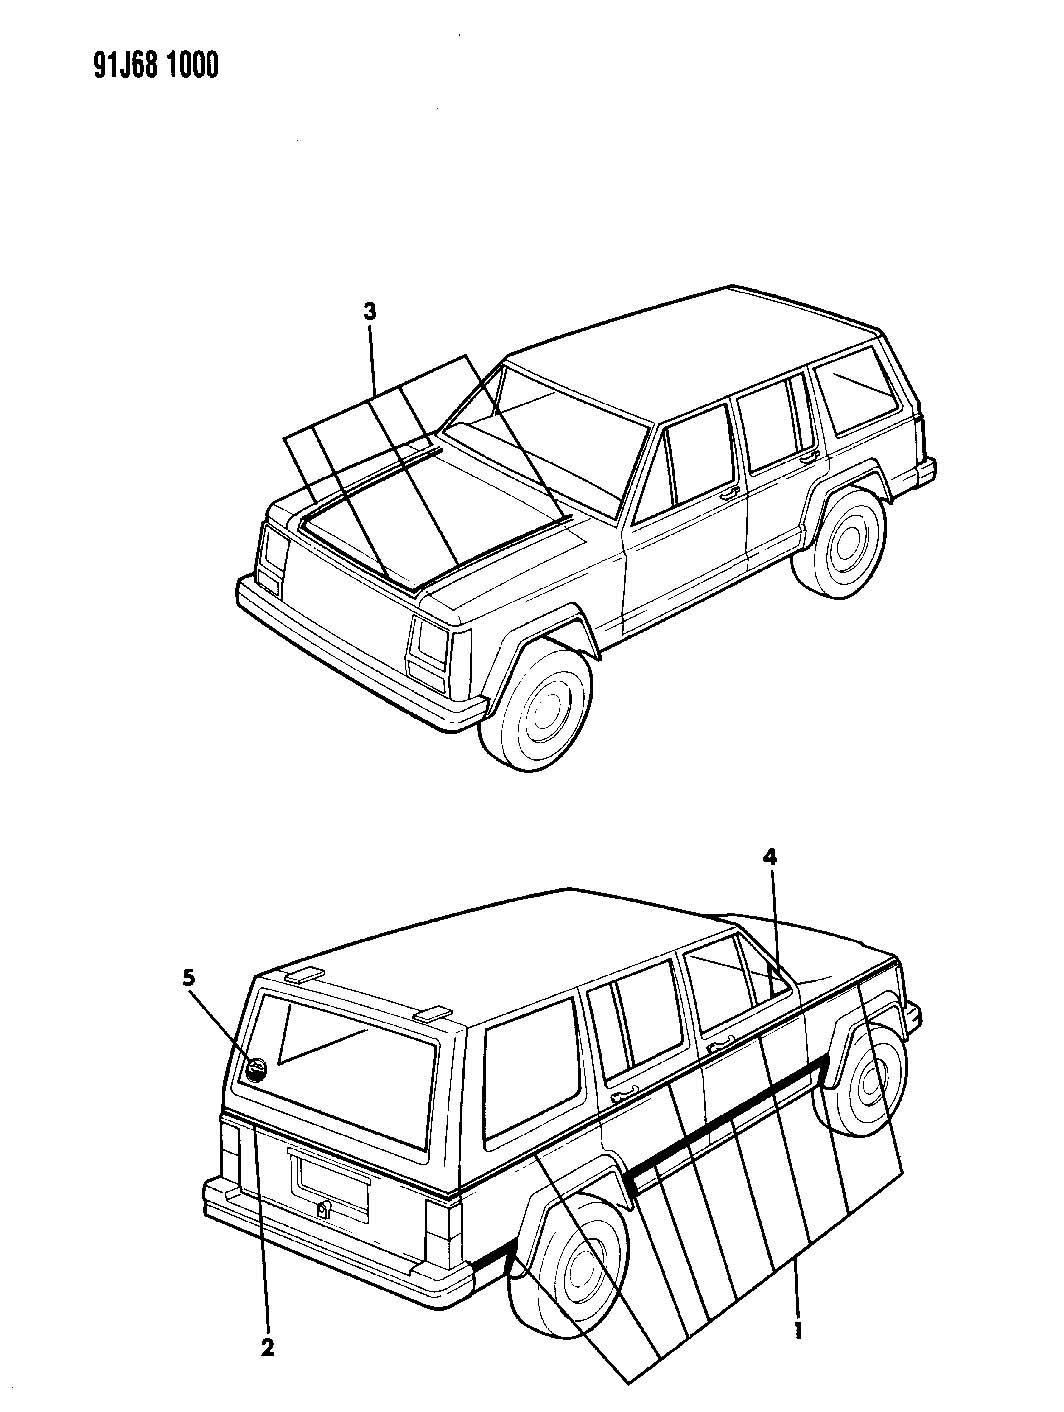 1992 Jeep xj parts